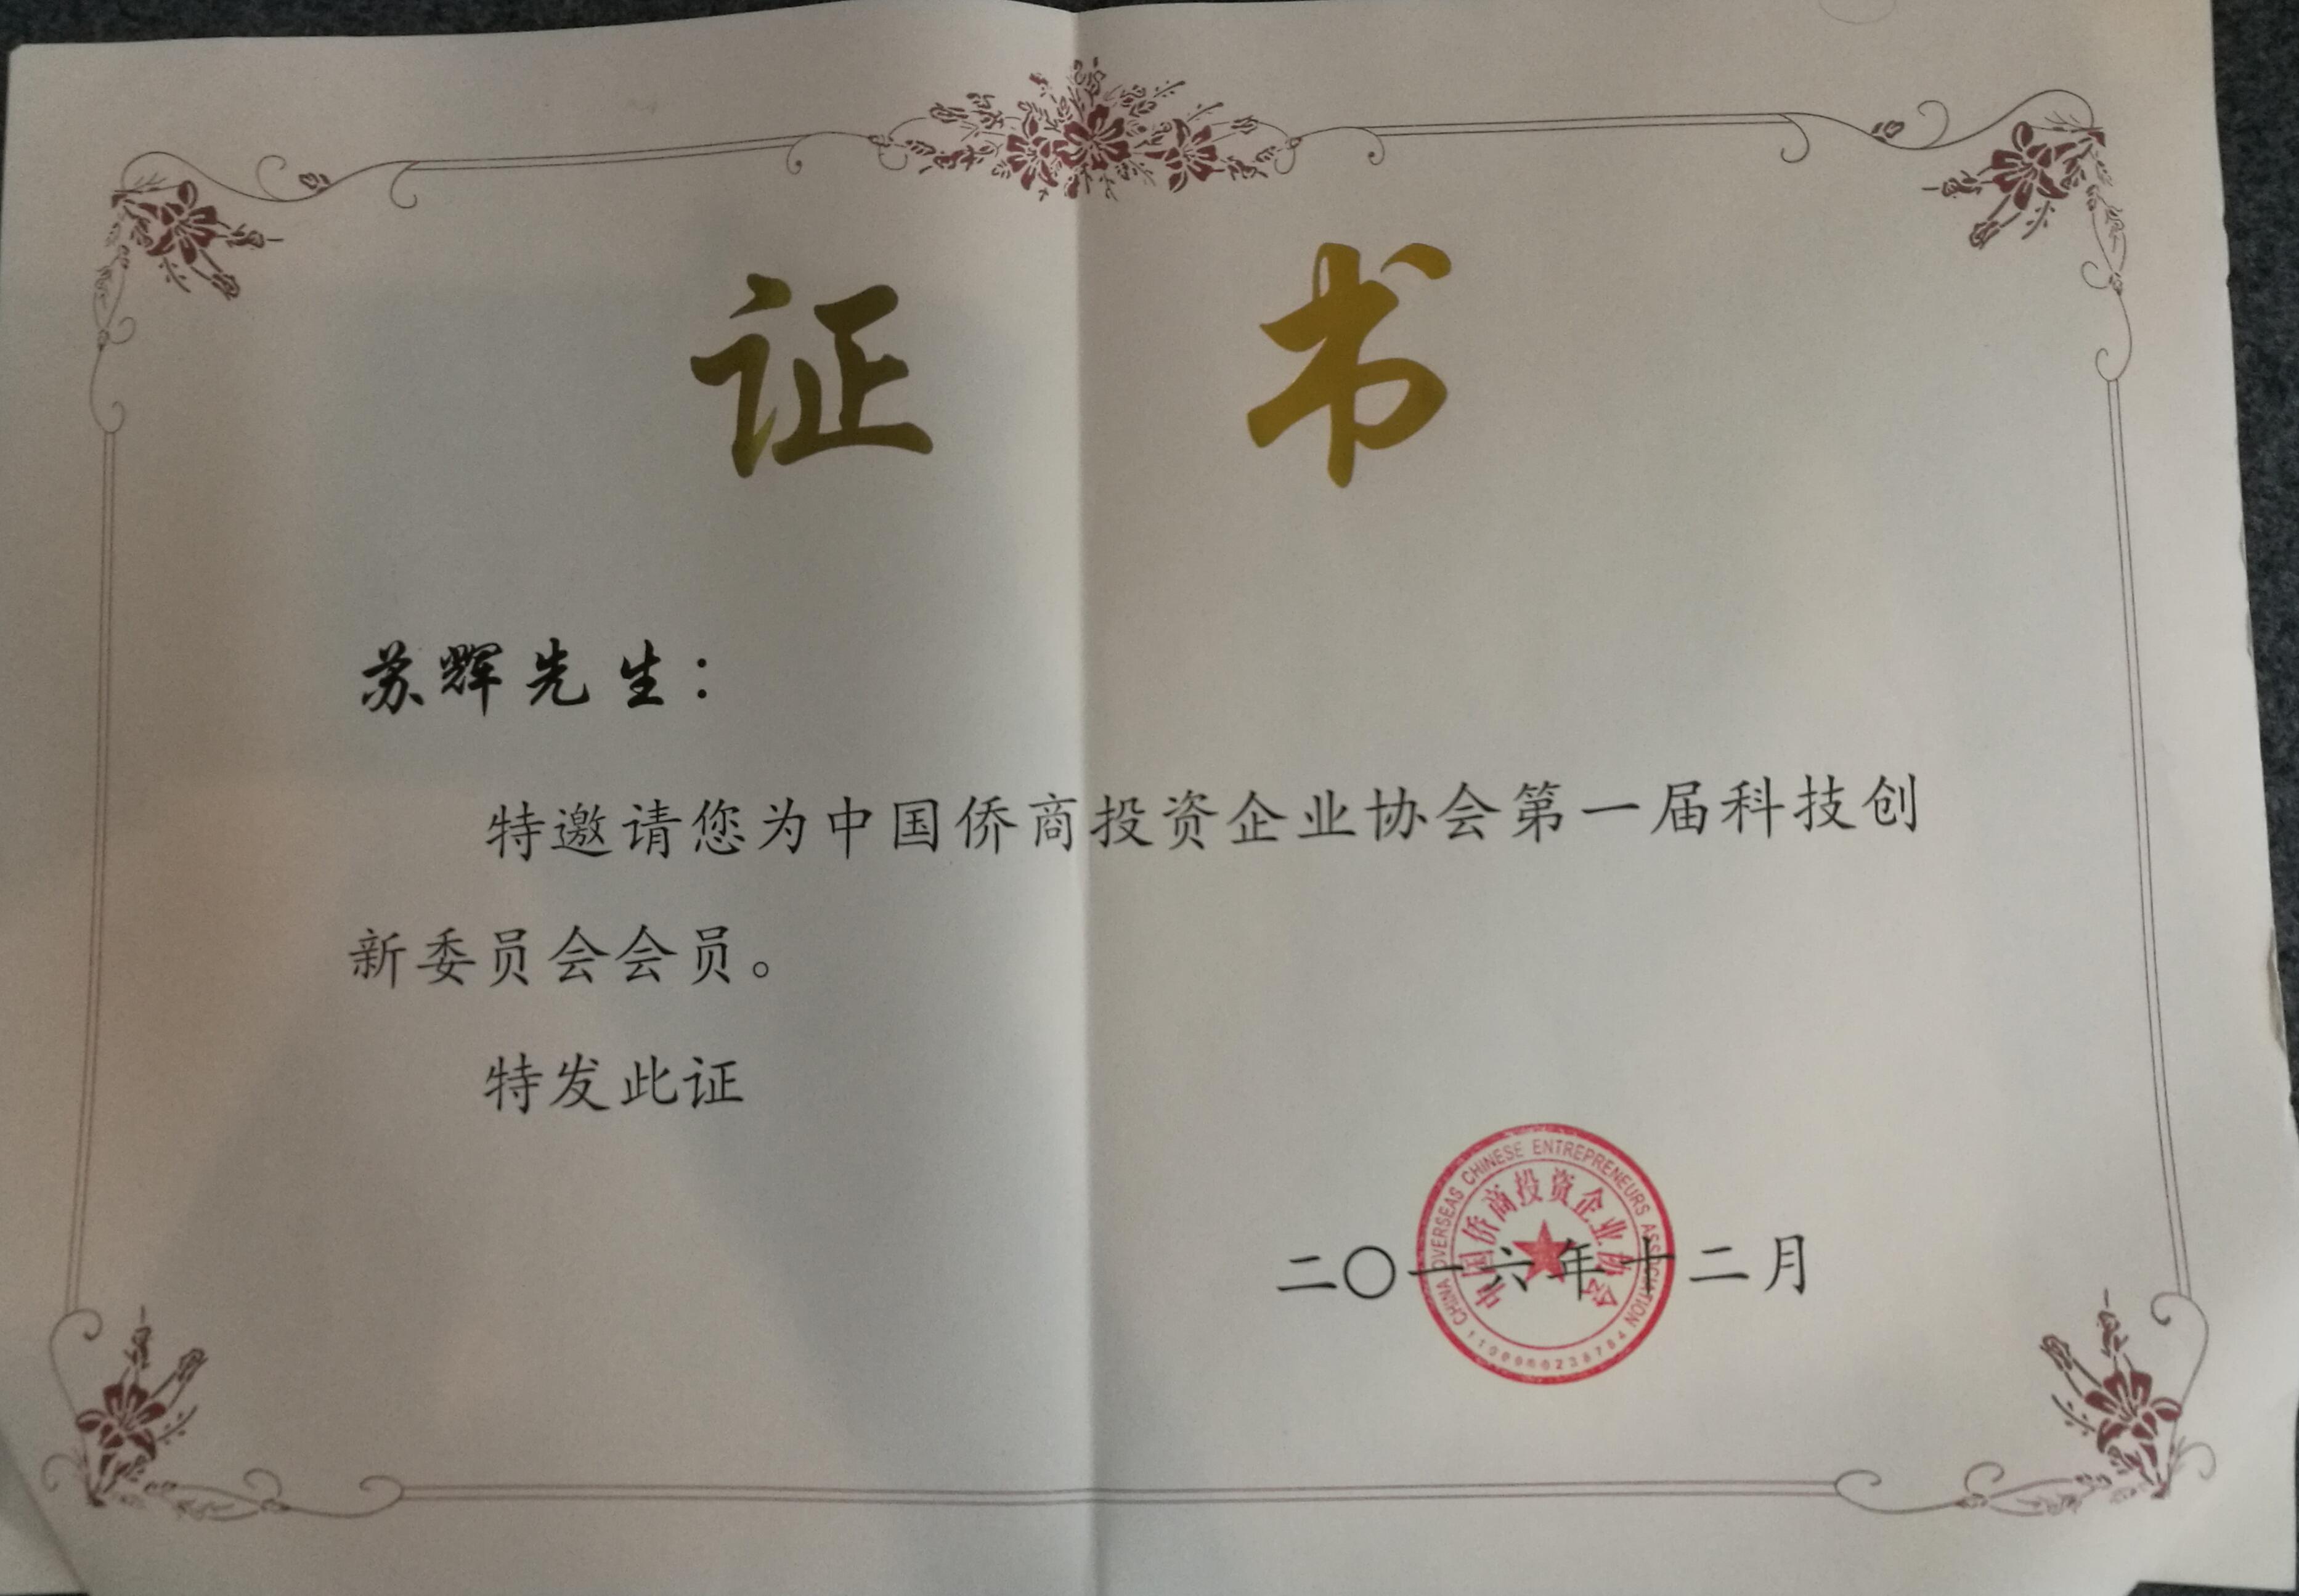 中國僑商投資企業協會第一屆科技創新委員會會員-蘇輝